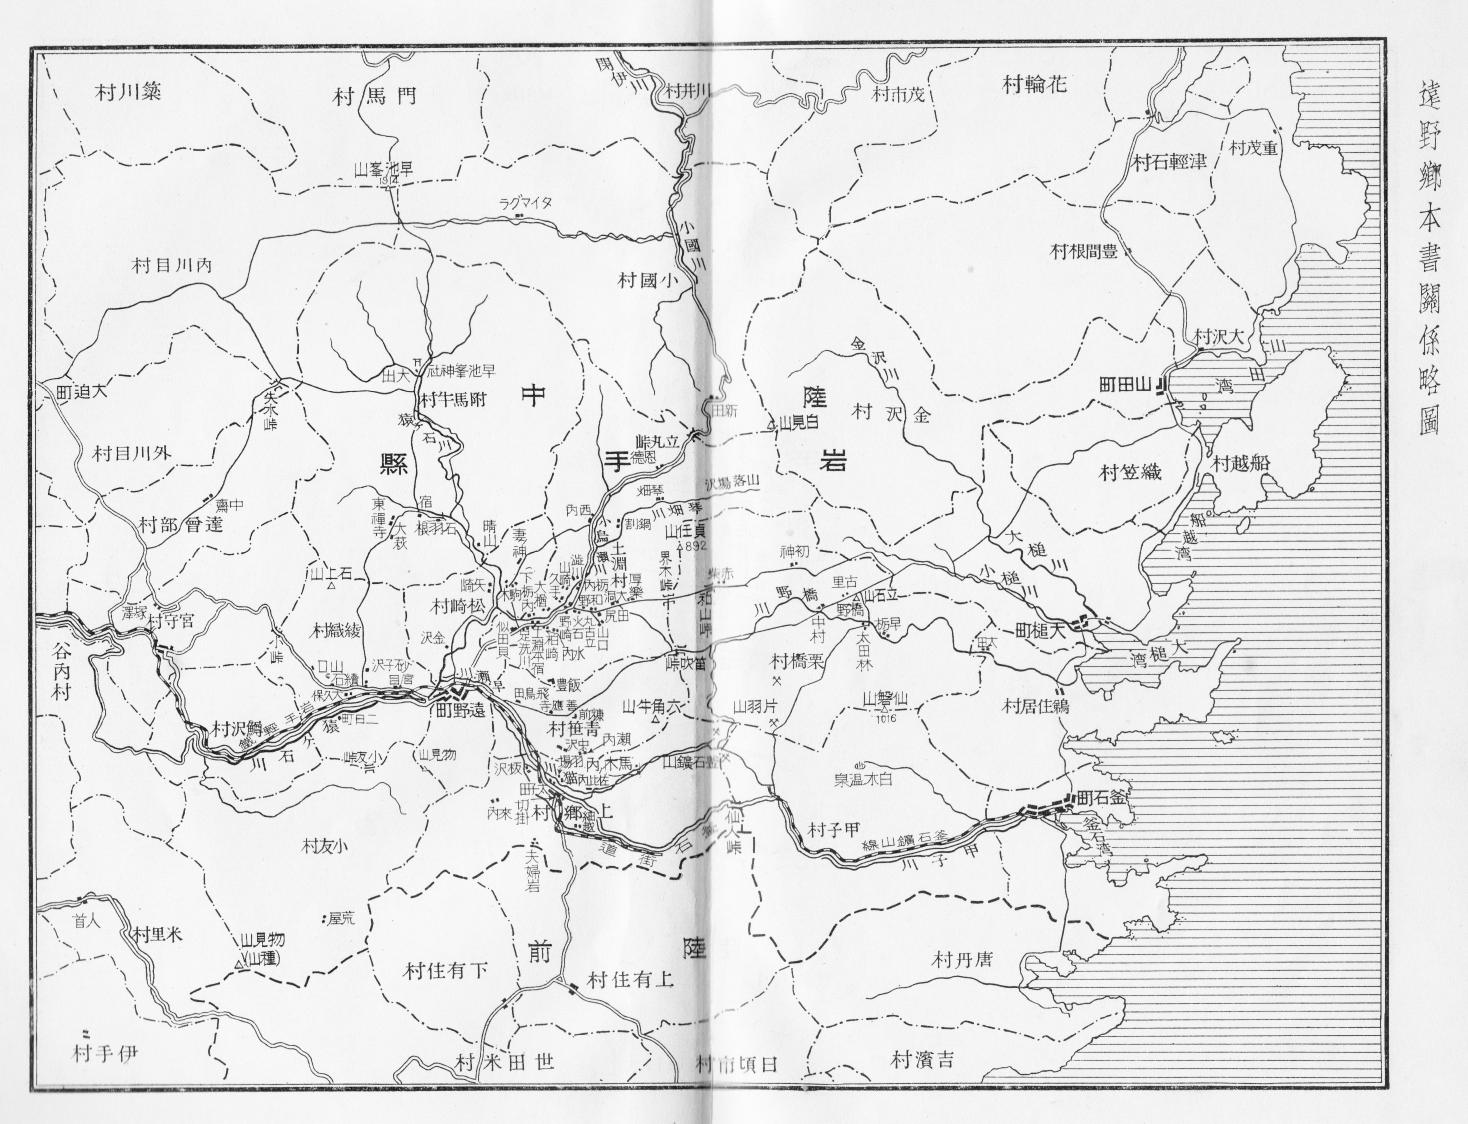 遠野郷本書関係略図